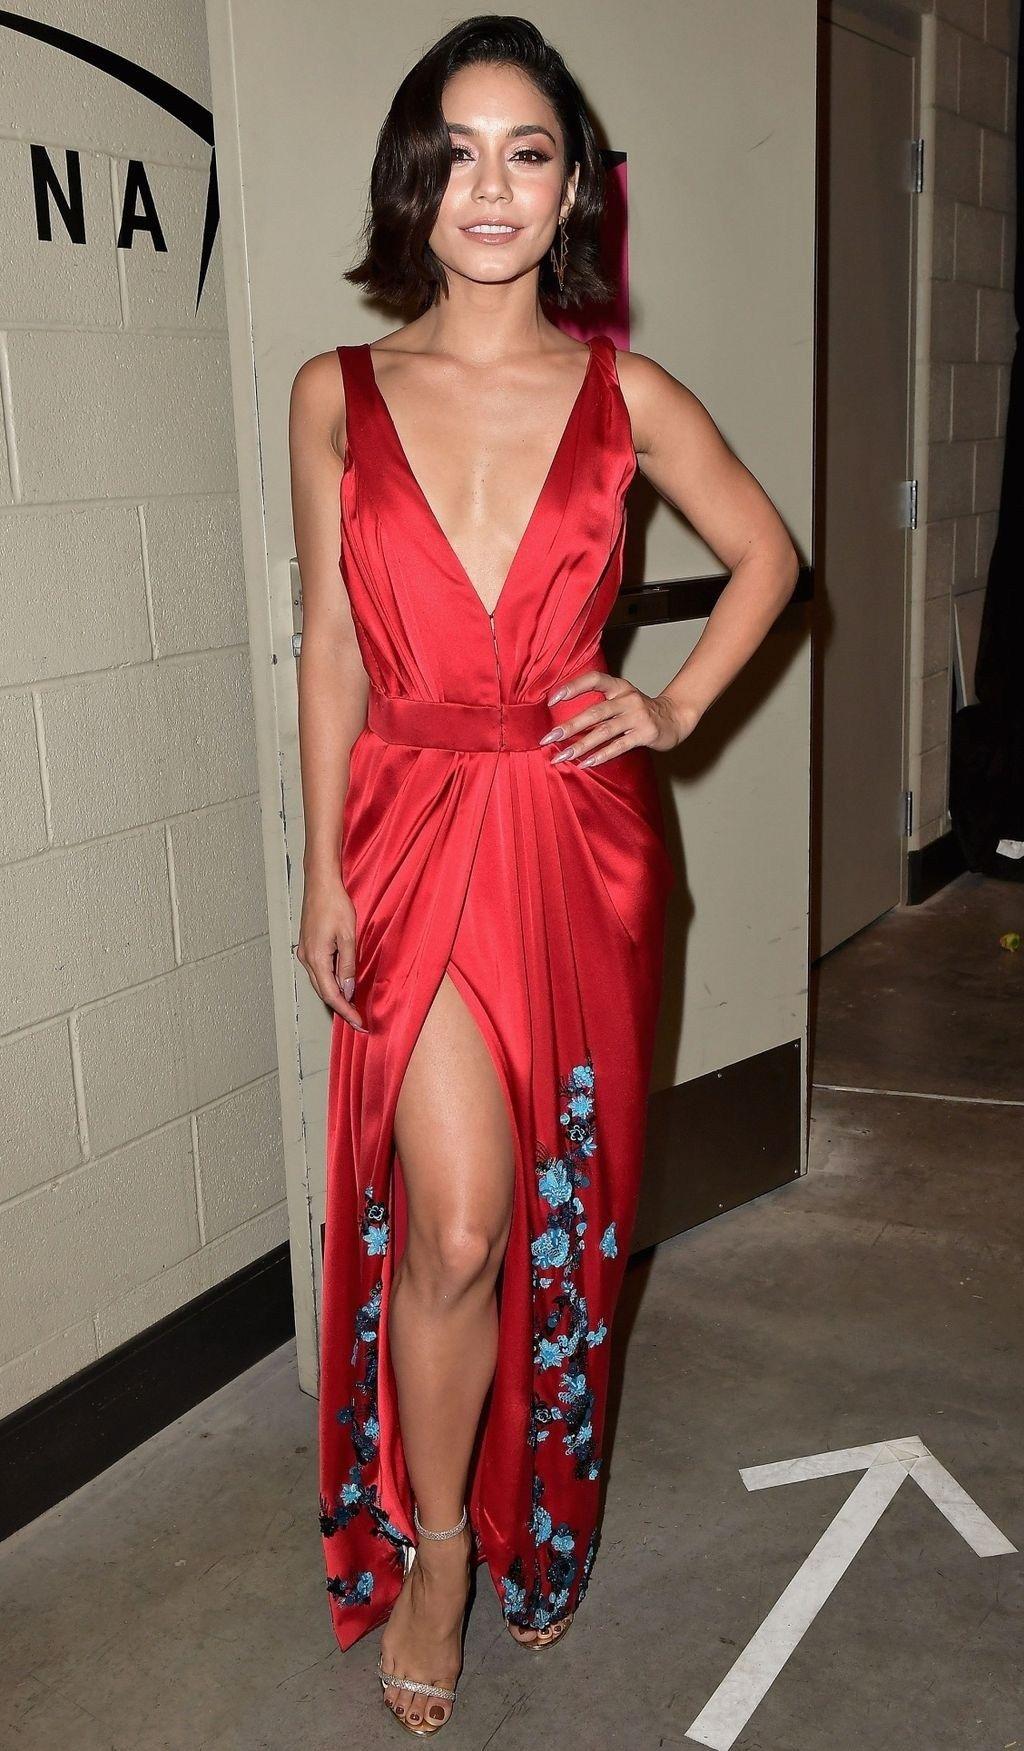 Atemberaubende Rote Kleid Ideen Machen Sie Sexy Aussehen | Vanessa ...